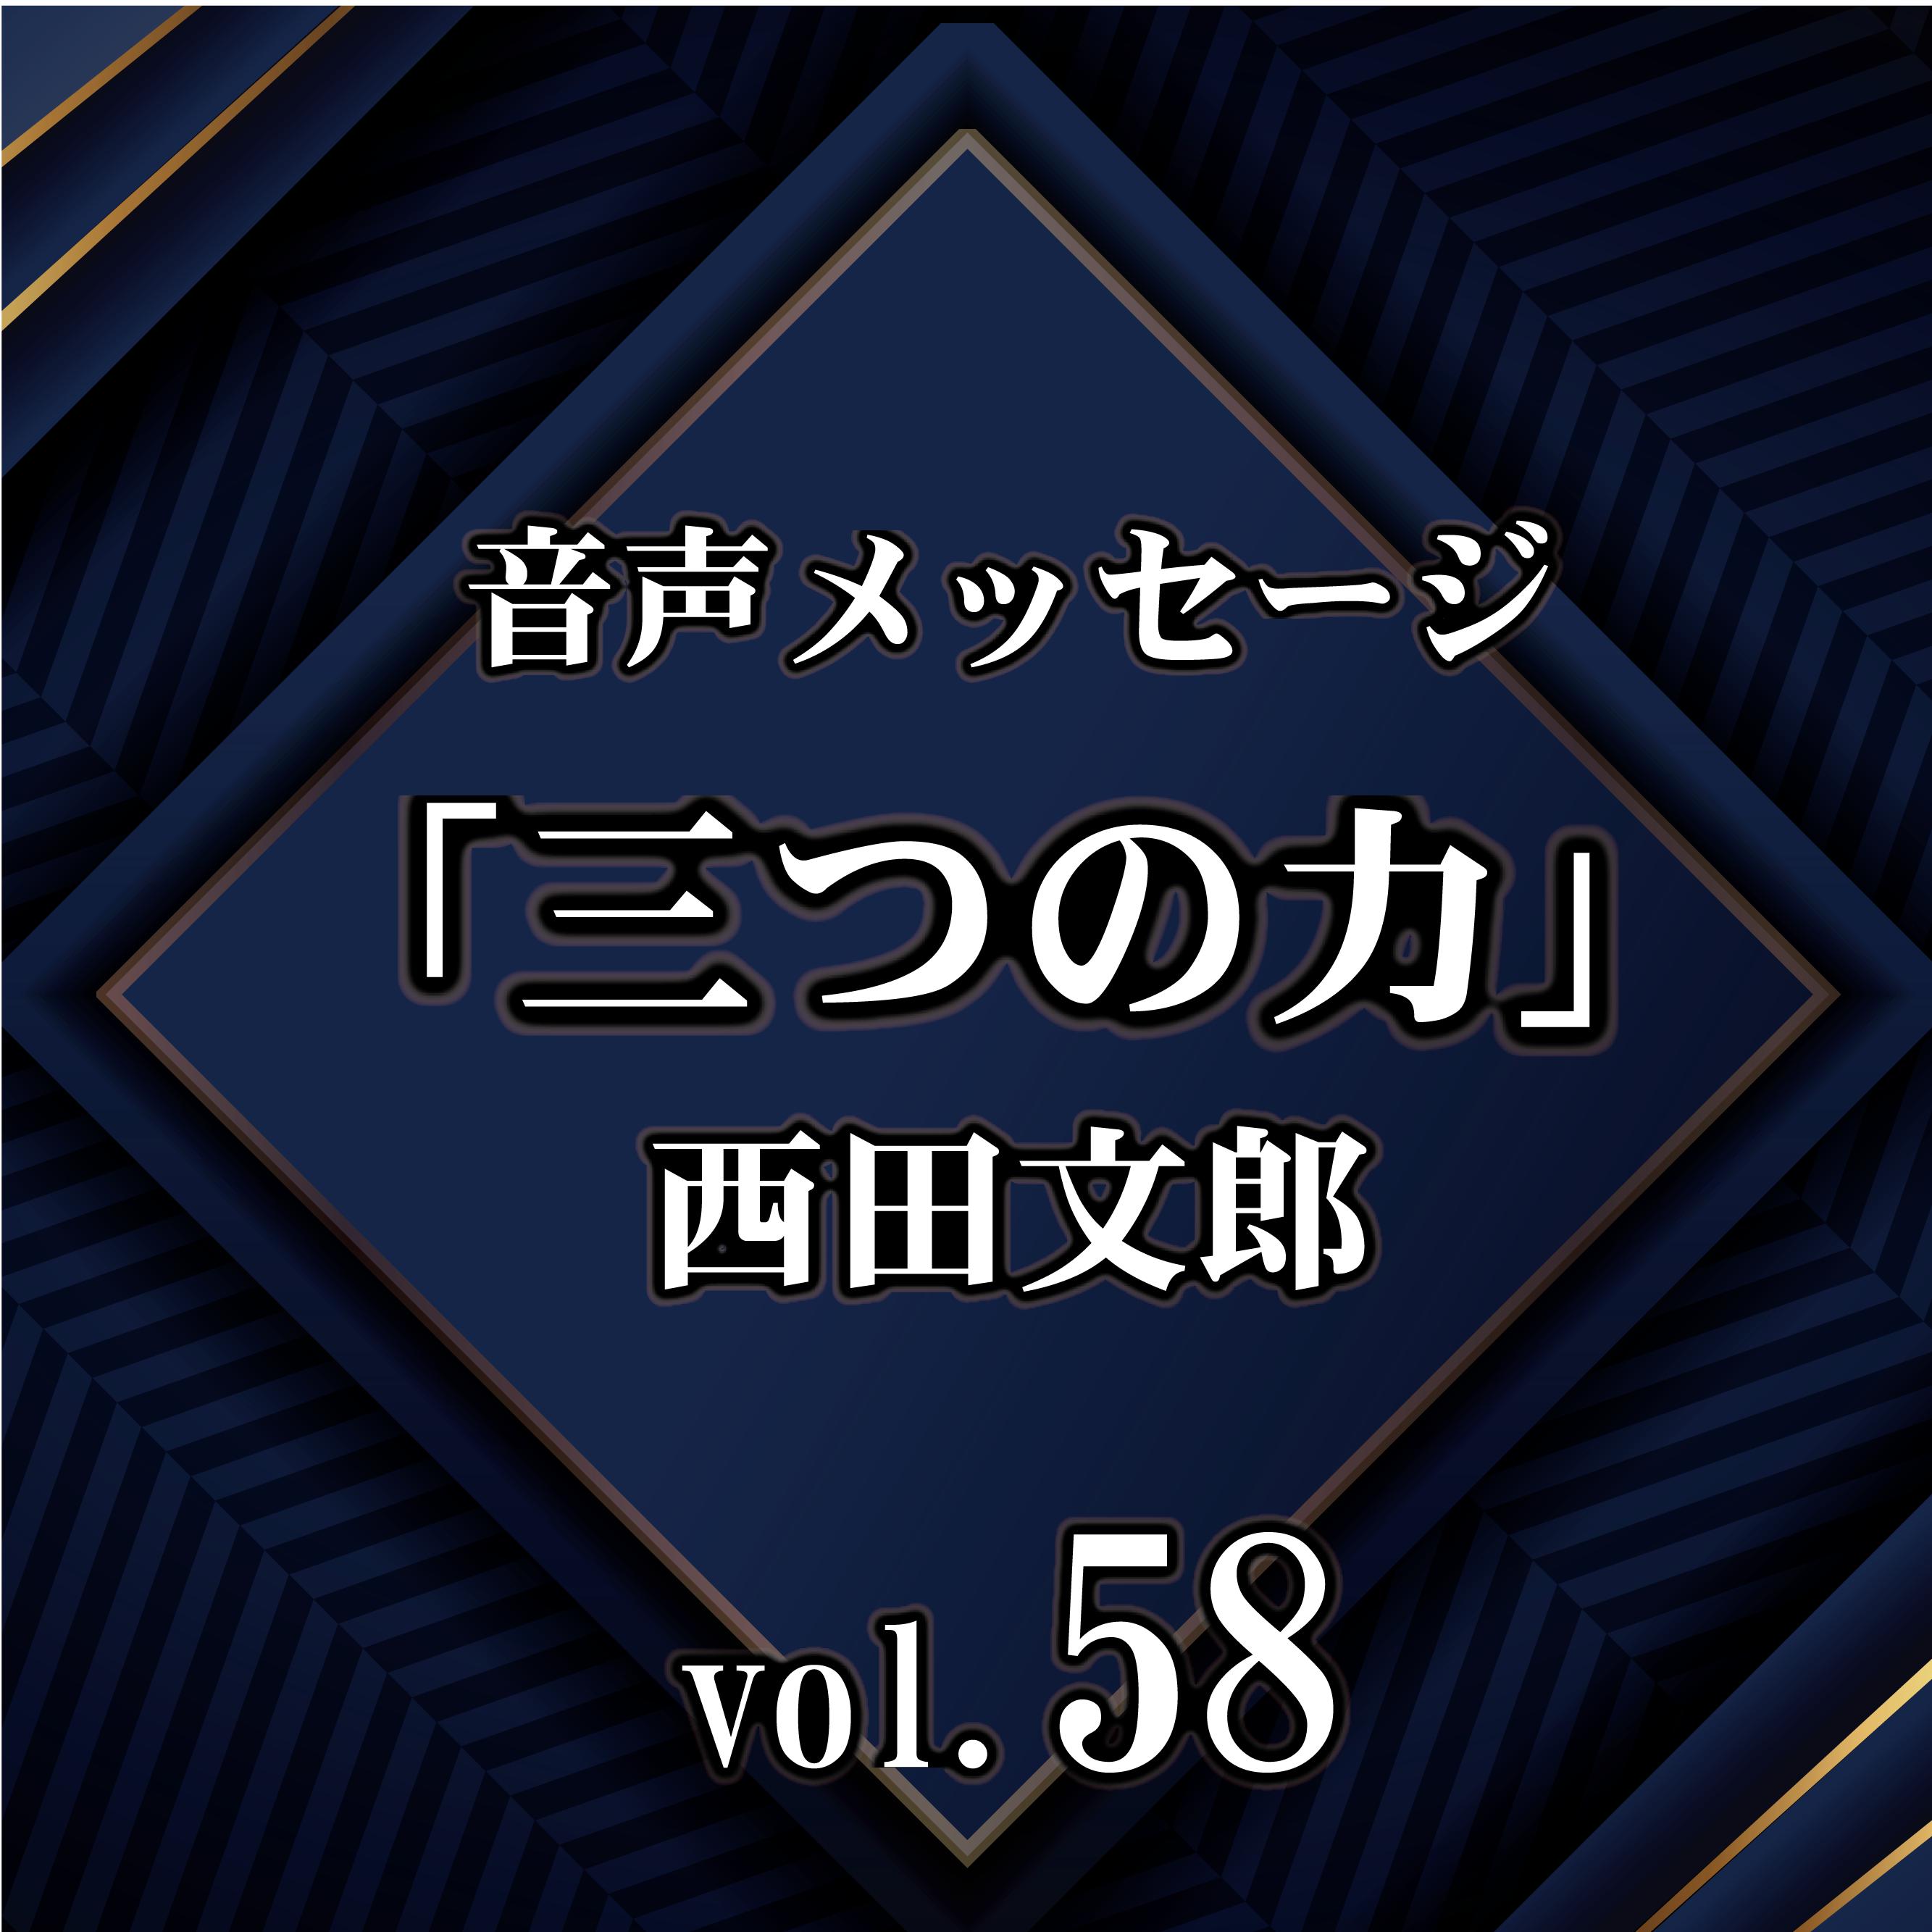 西田文郎 音声メッセージvol.58『三つの力』